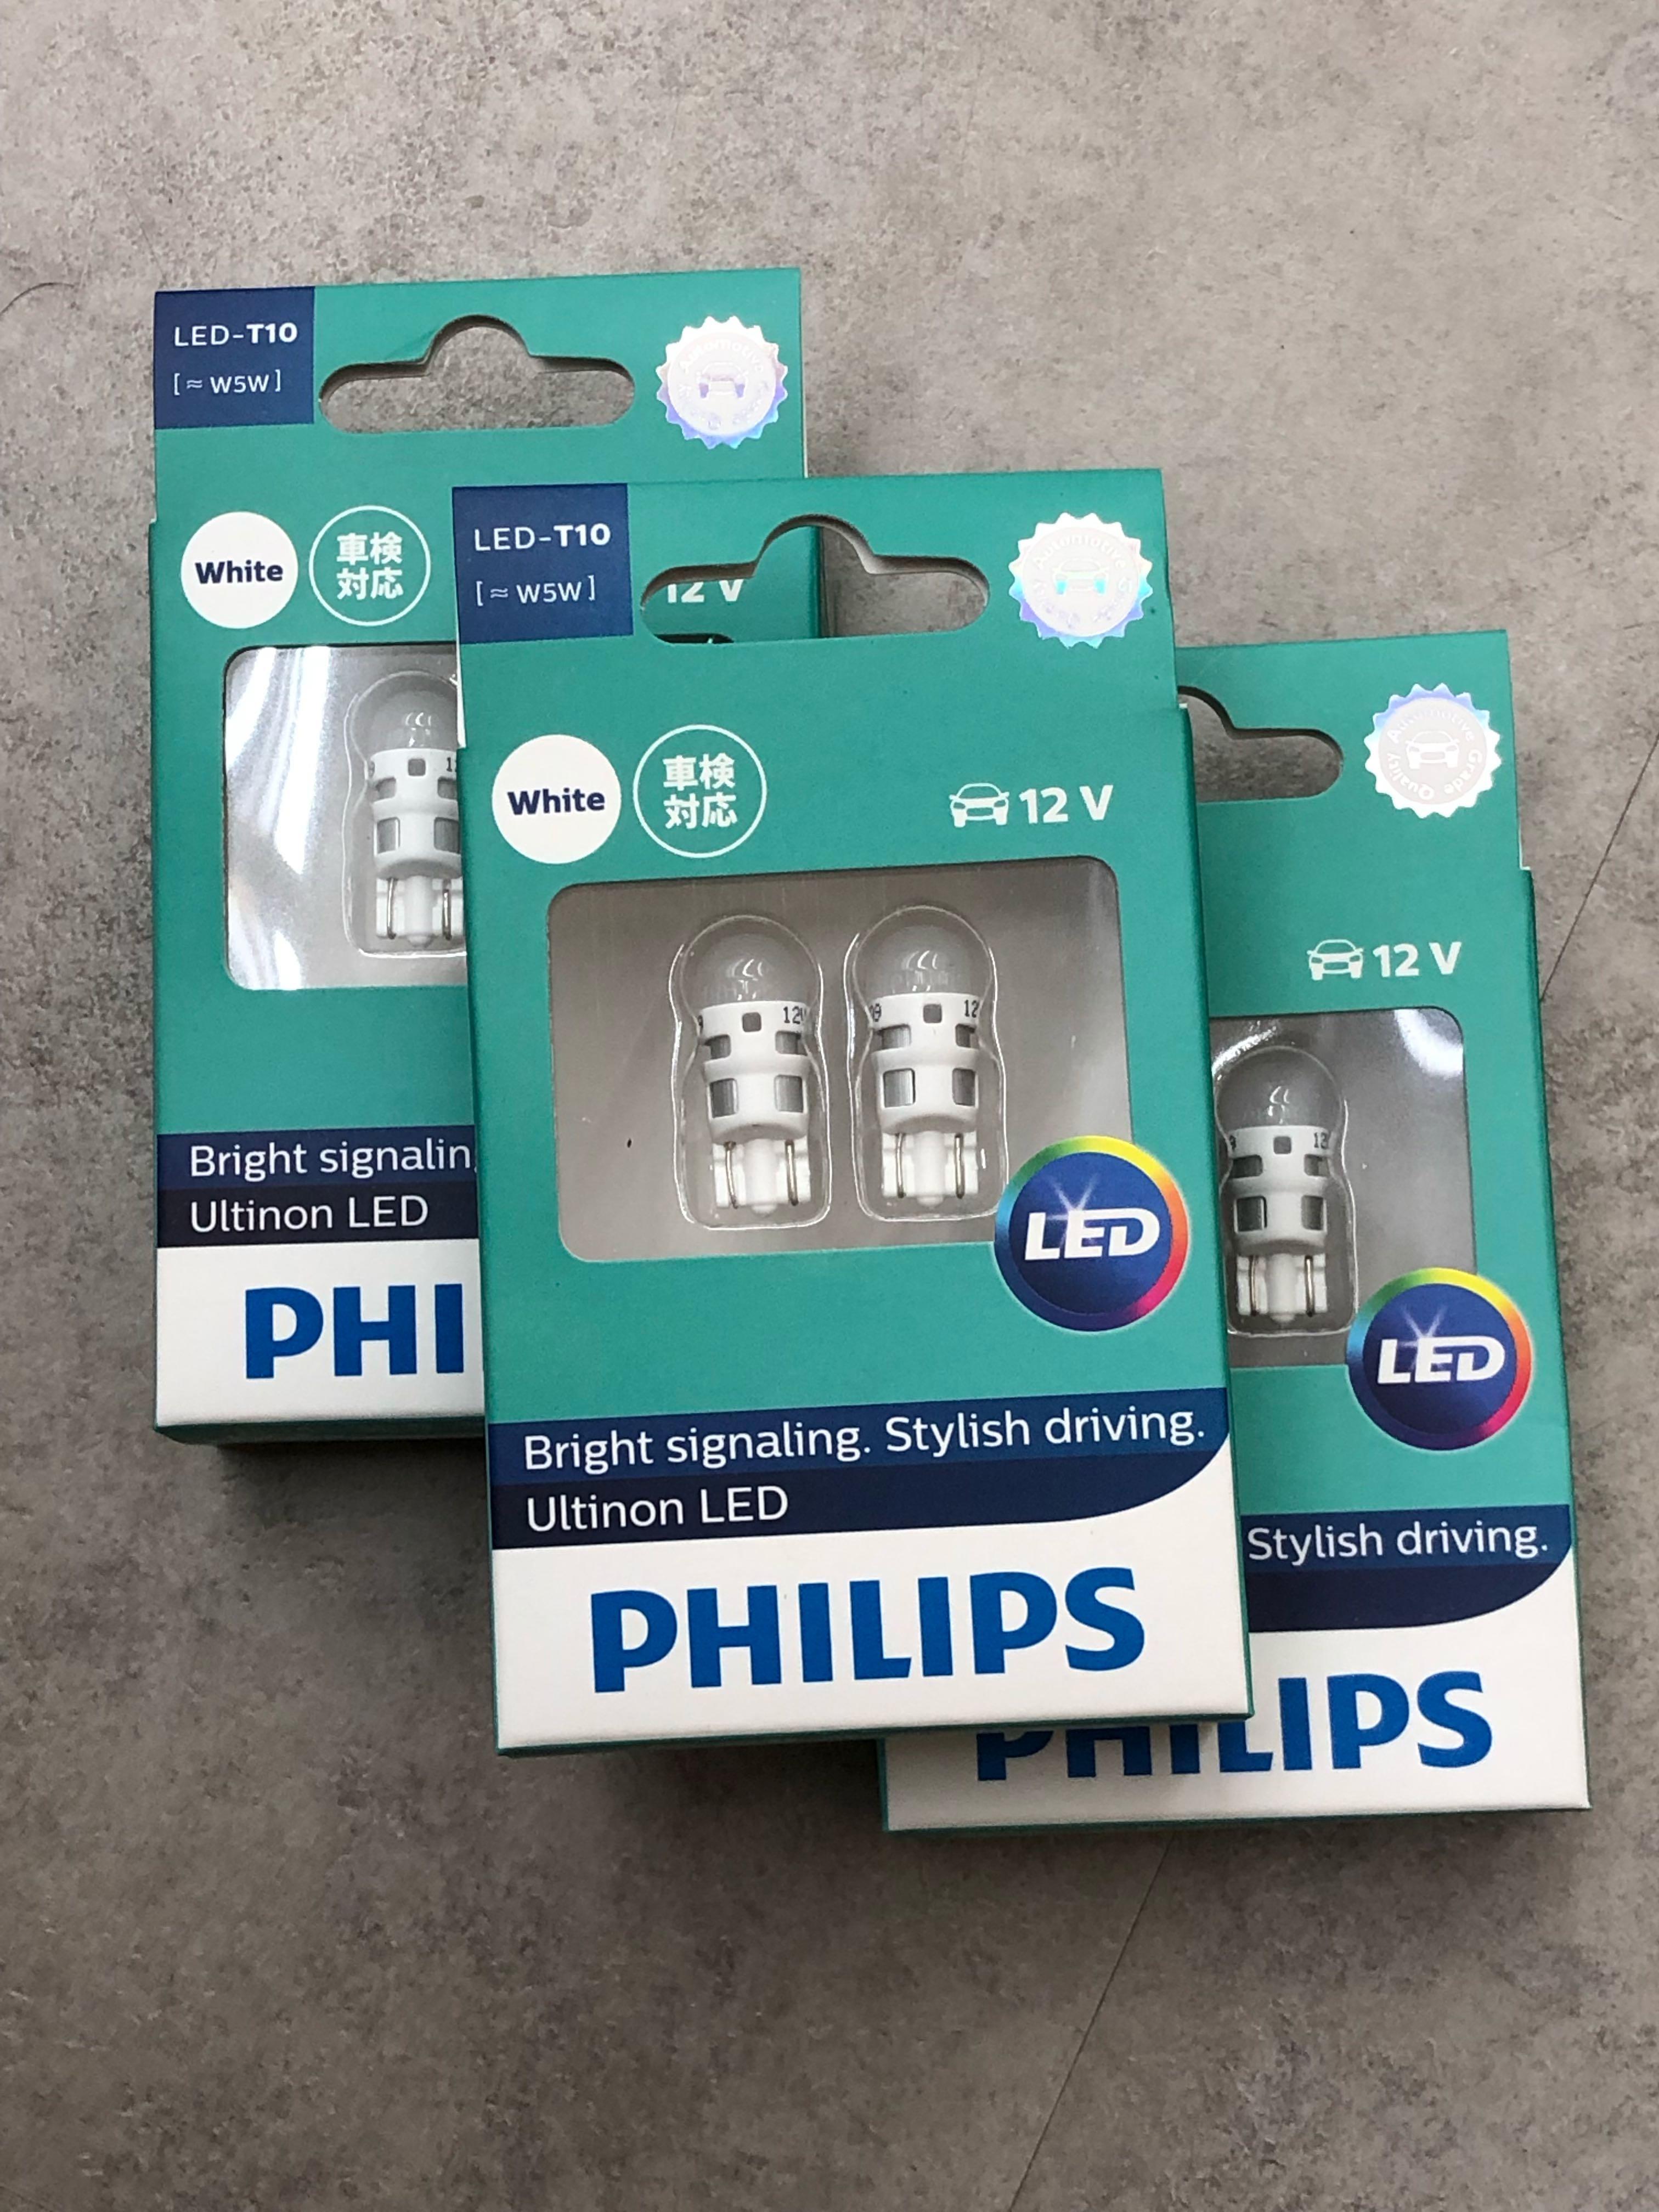 12V 5W PHILIPS SIDE LIGHT BULBS FOR VW Bora WHITEVISION 501/'s FRONT